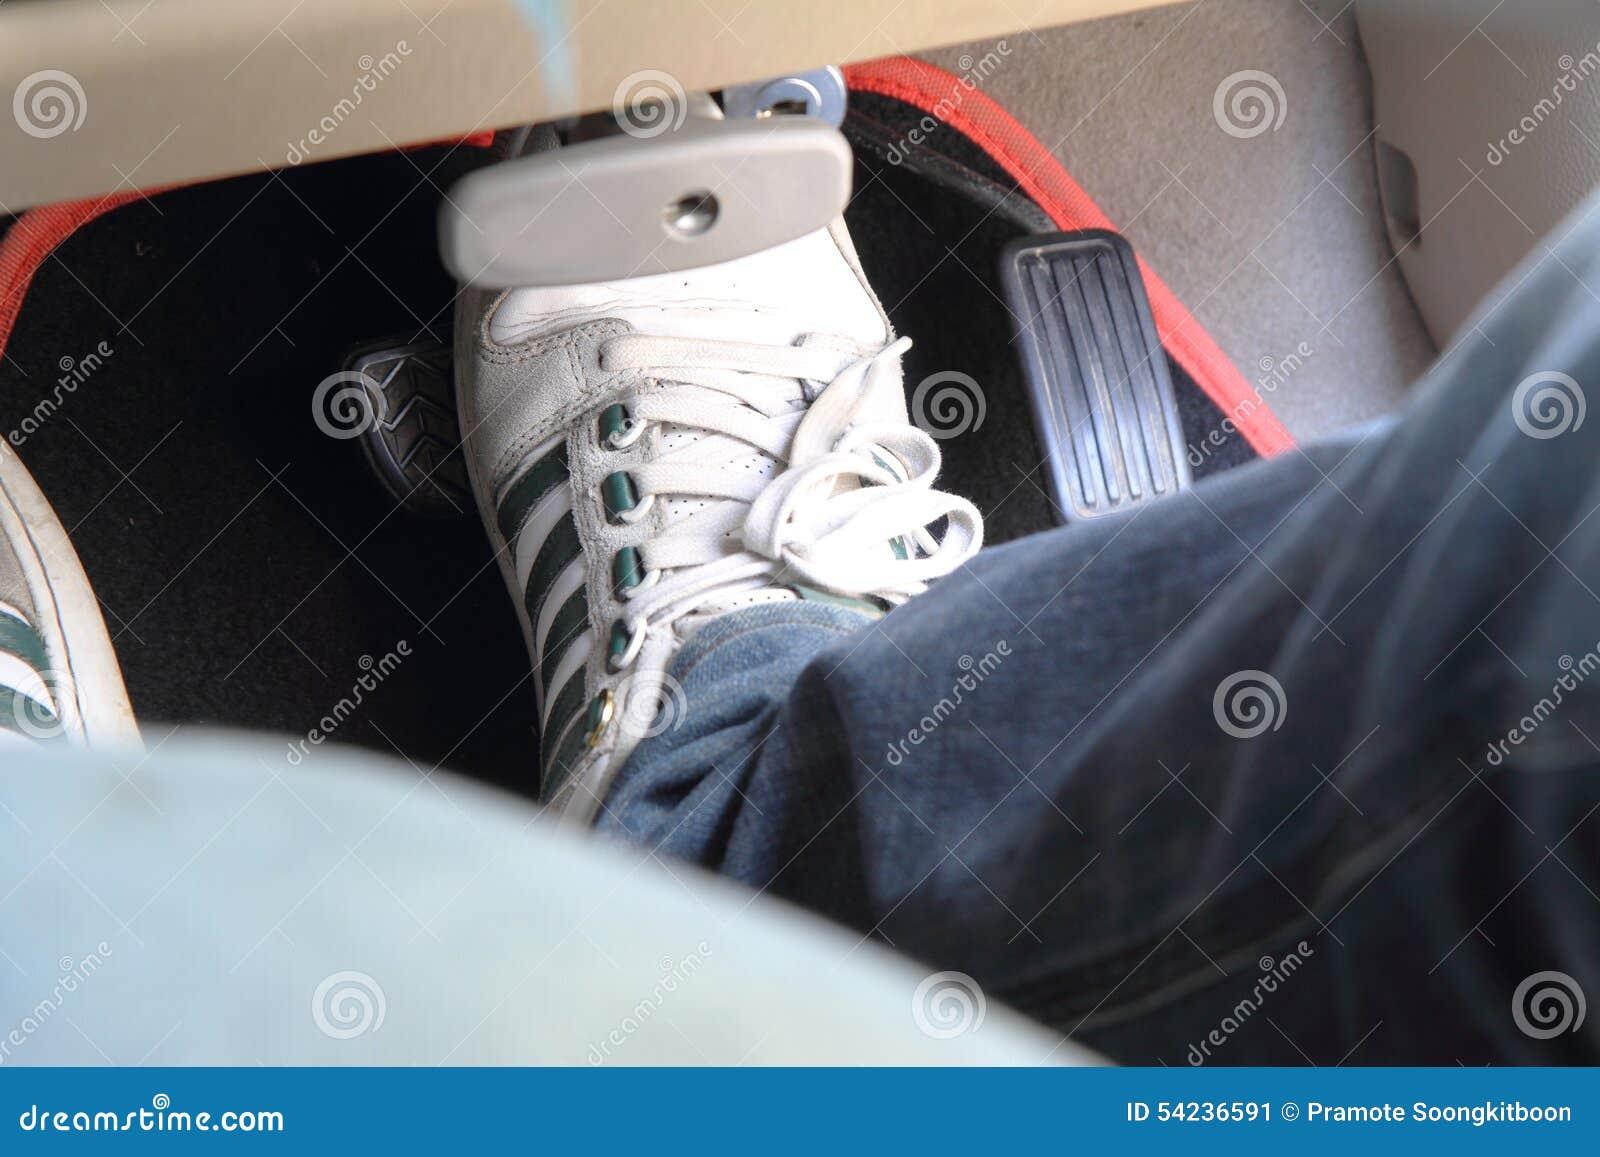 Bruchpedal im Auto